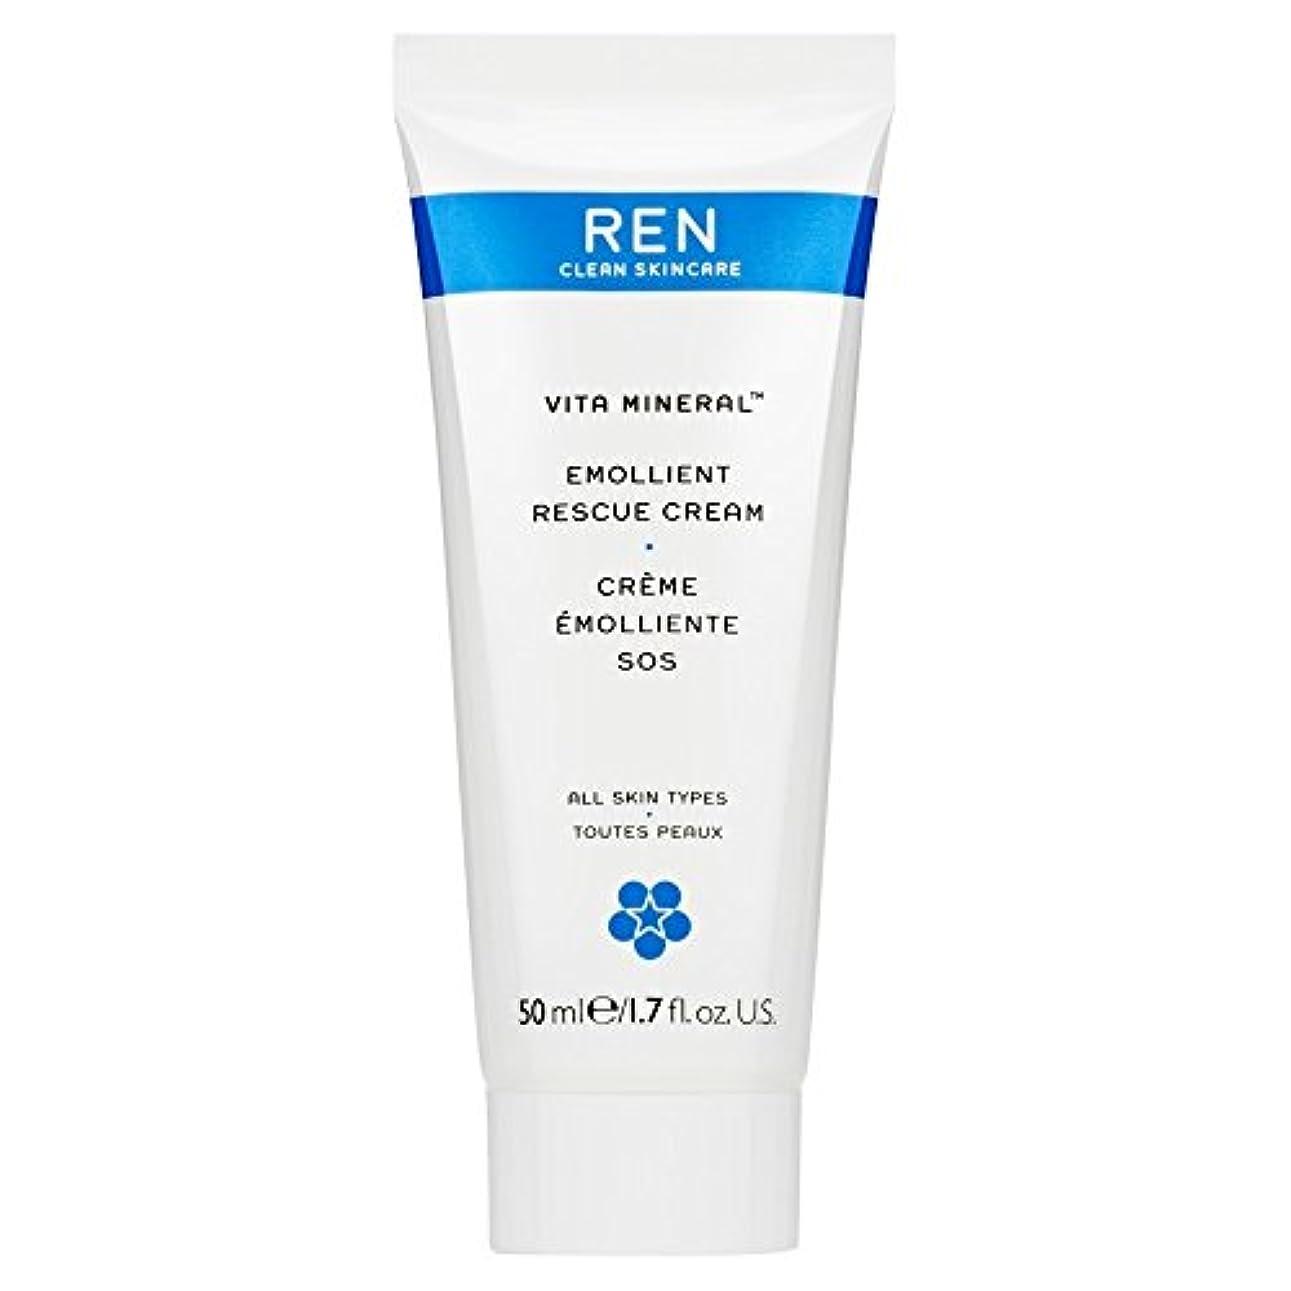 爬虫類落胆するに付けるRenヴィータミネラルレスキュークリーム、50ミリリットル (REN) (x6) - REN Vita Mineral Rescue Cream, 50ml (Pack of 6) [並行輸入品]